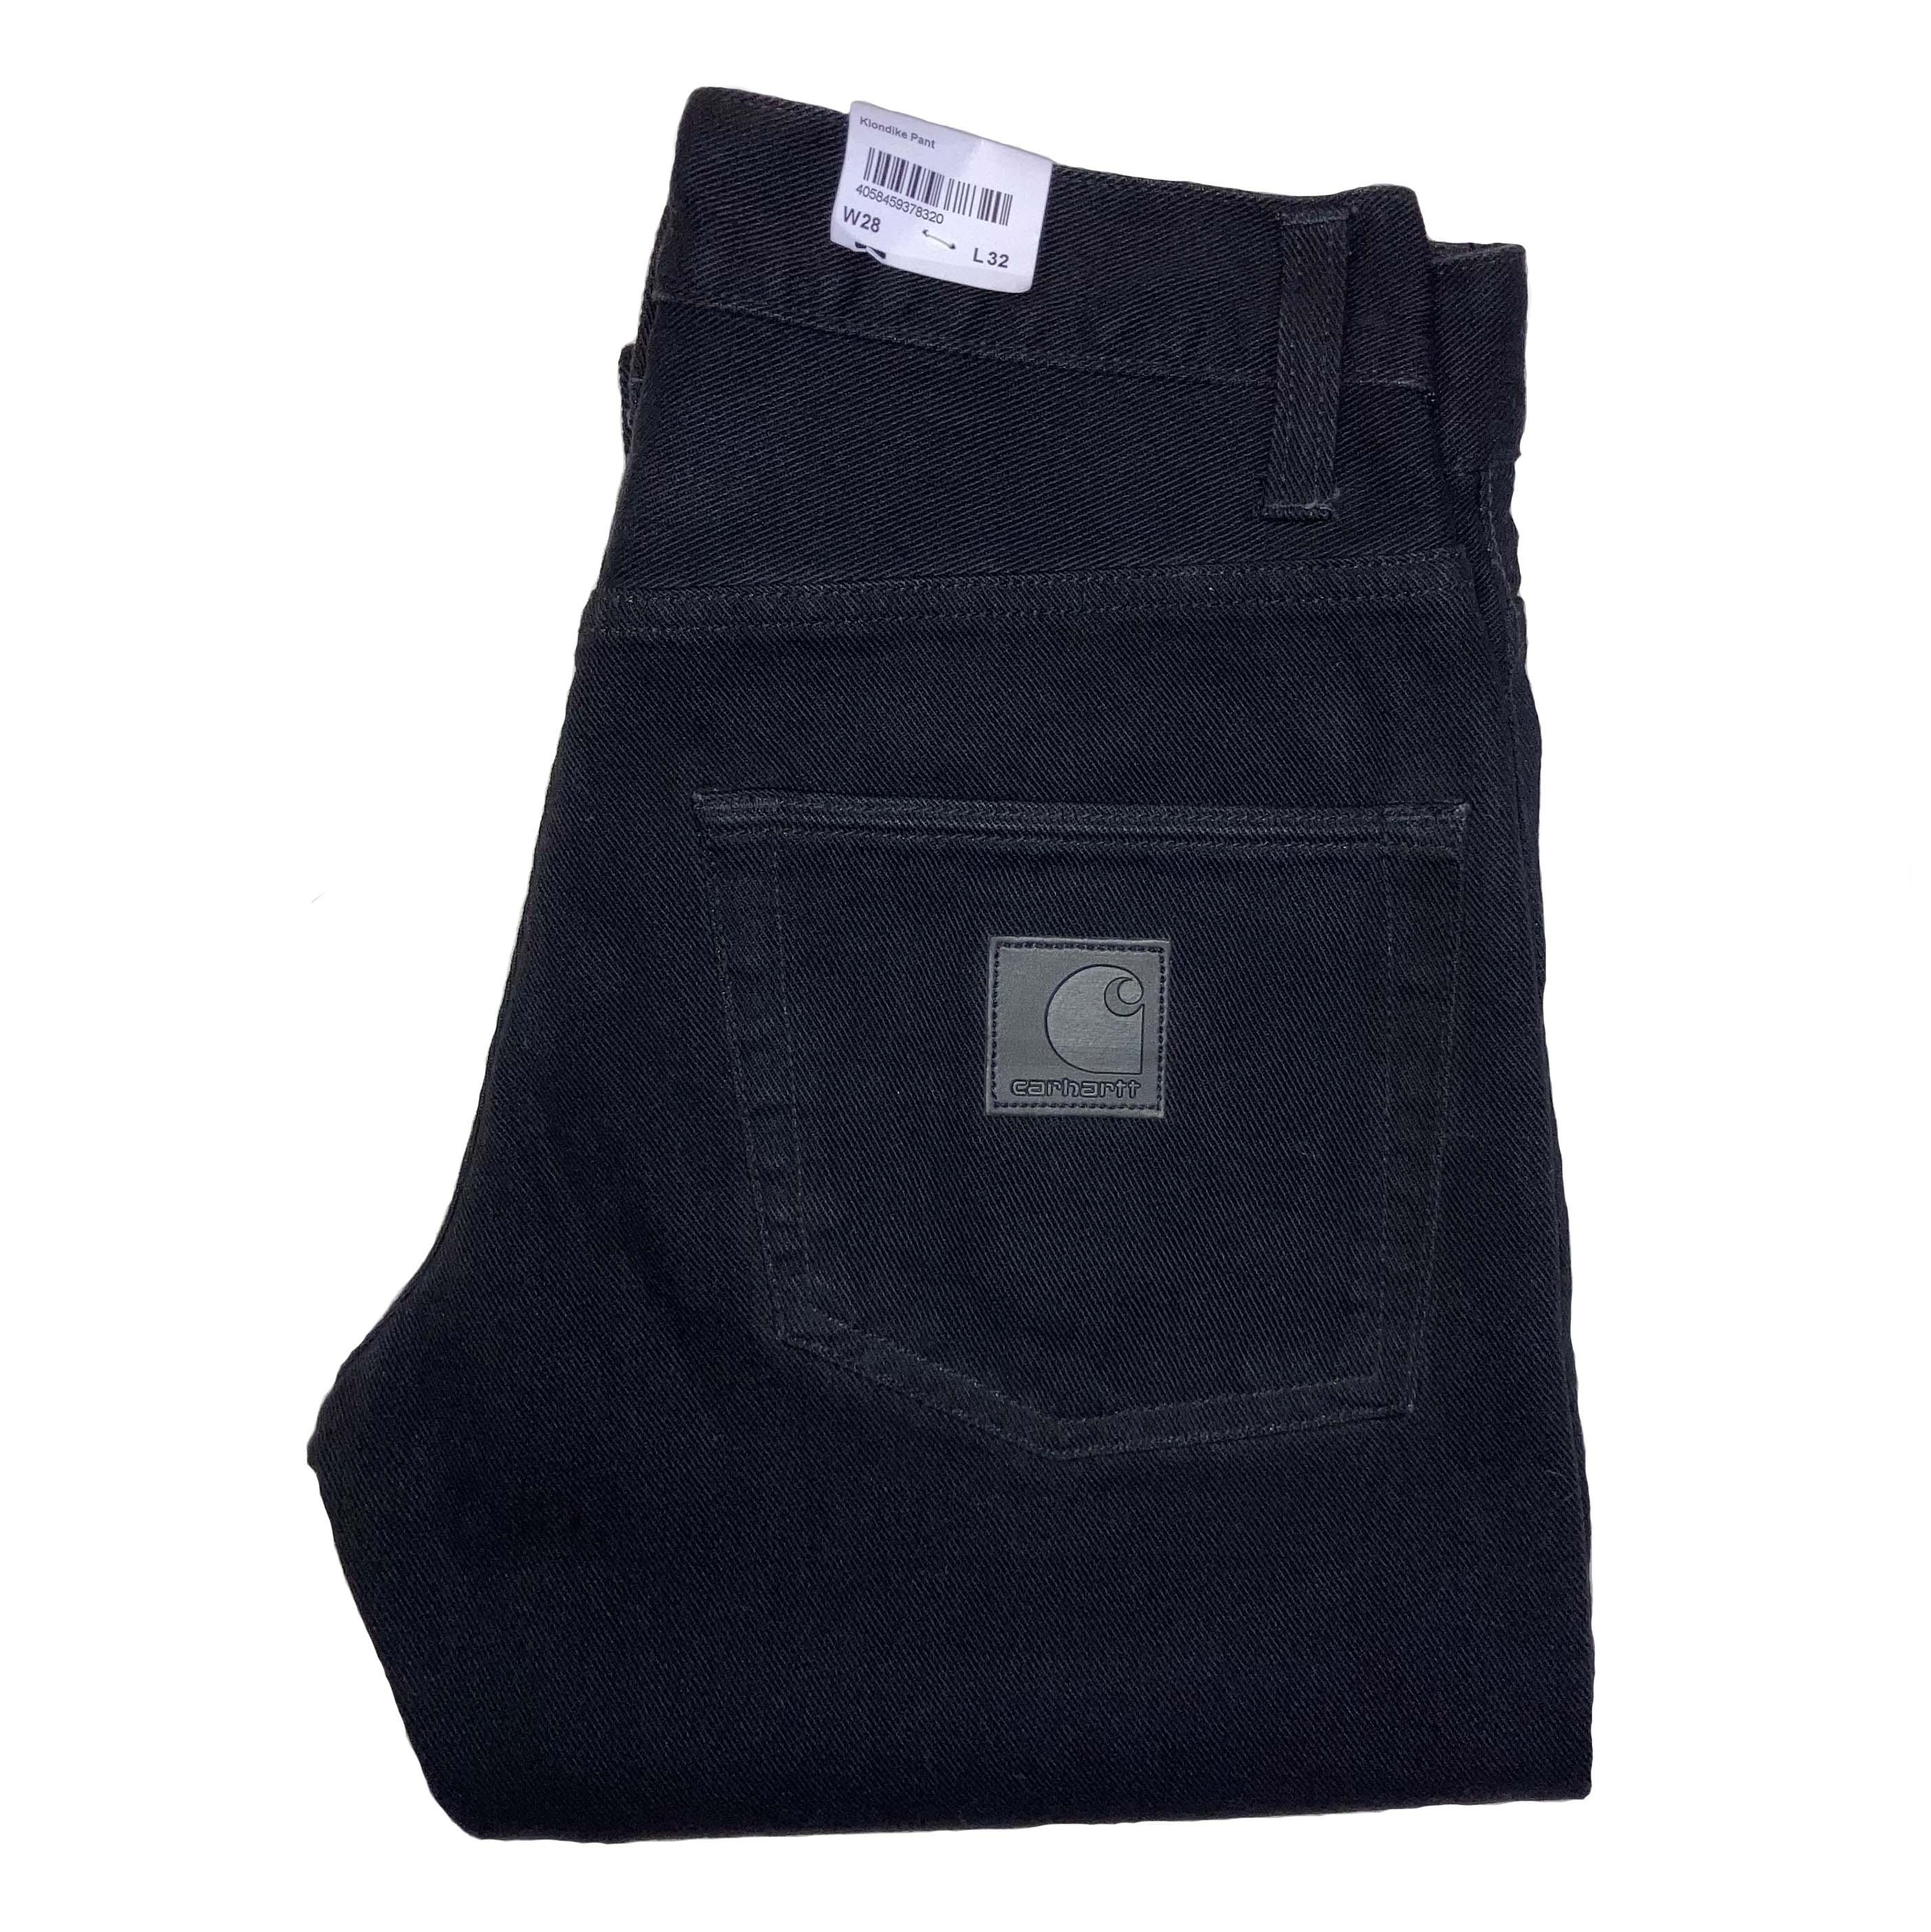 Carhartt WIP - KLONDIKE PANT - Black Rinsed